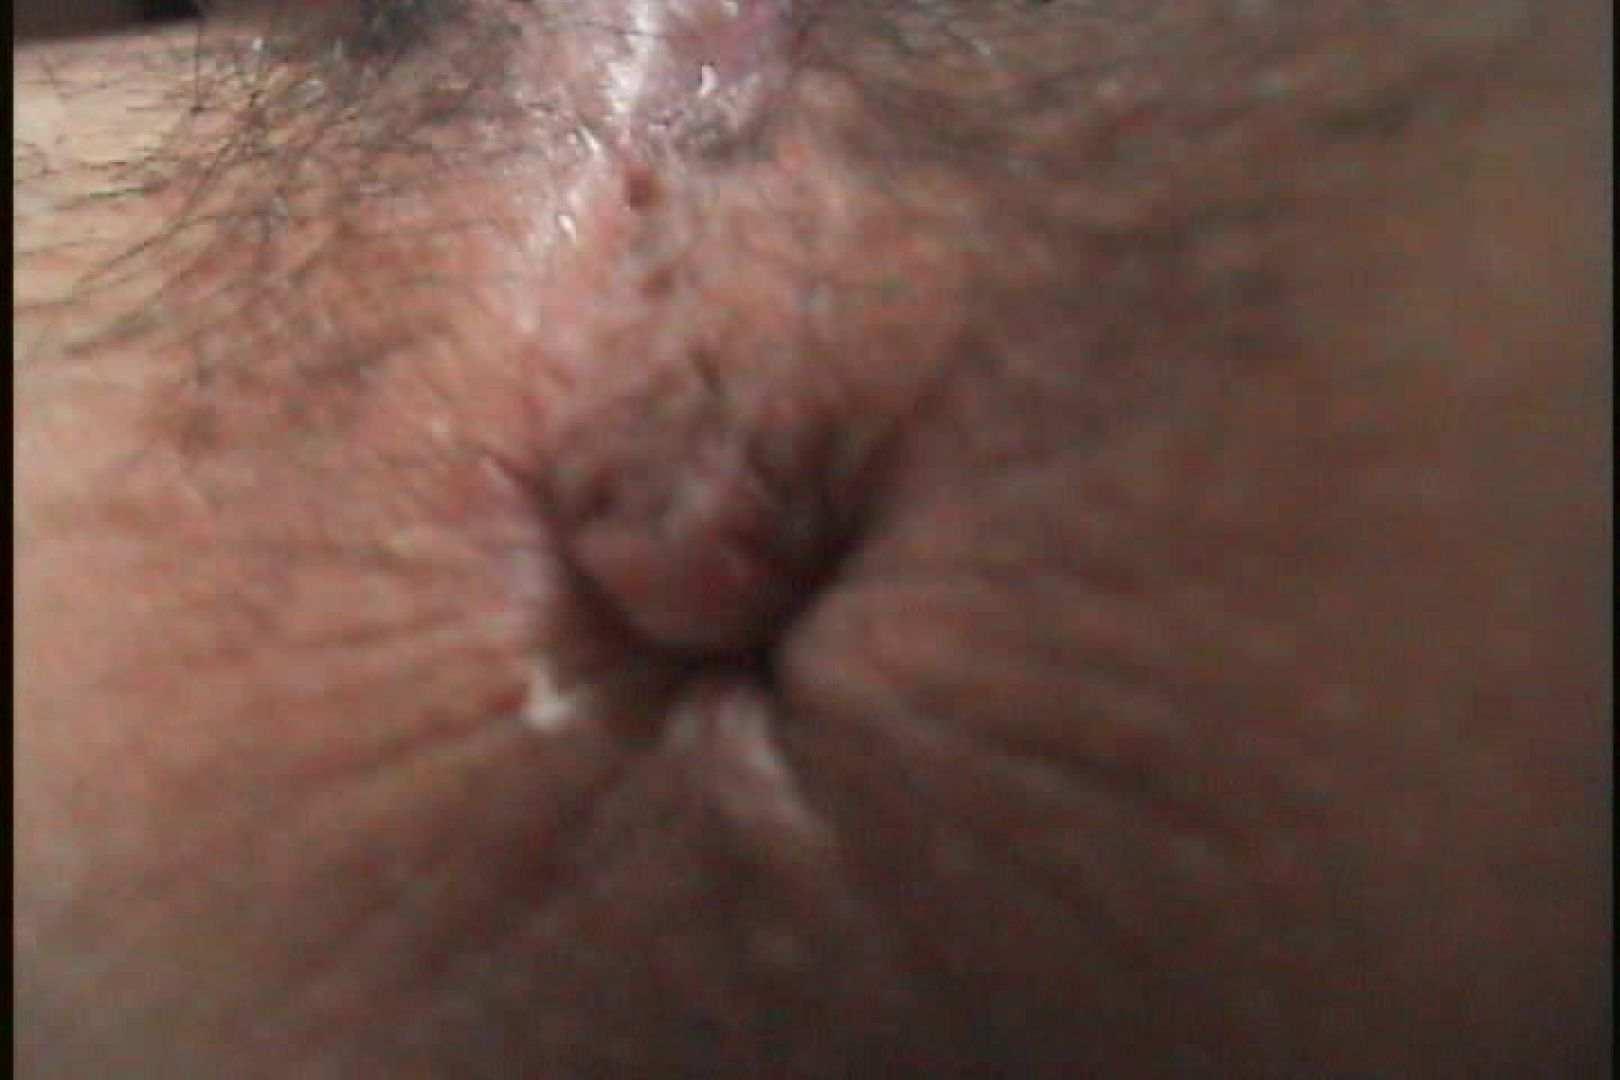 歯科衛生士バージンアラサー30歳まきVol.6 エロティックなOL | エッチなセックス  91画像 52